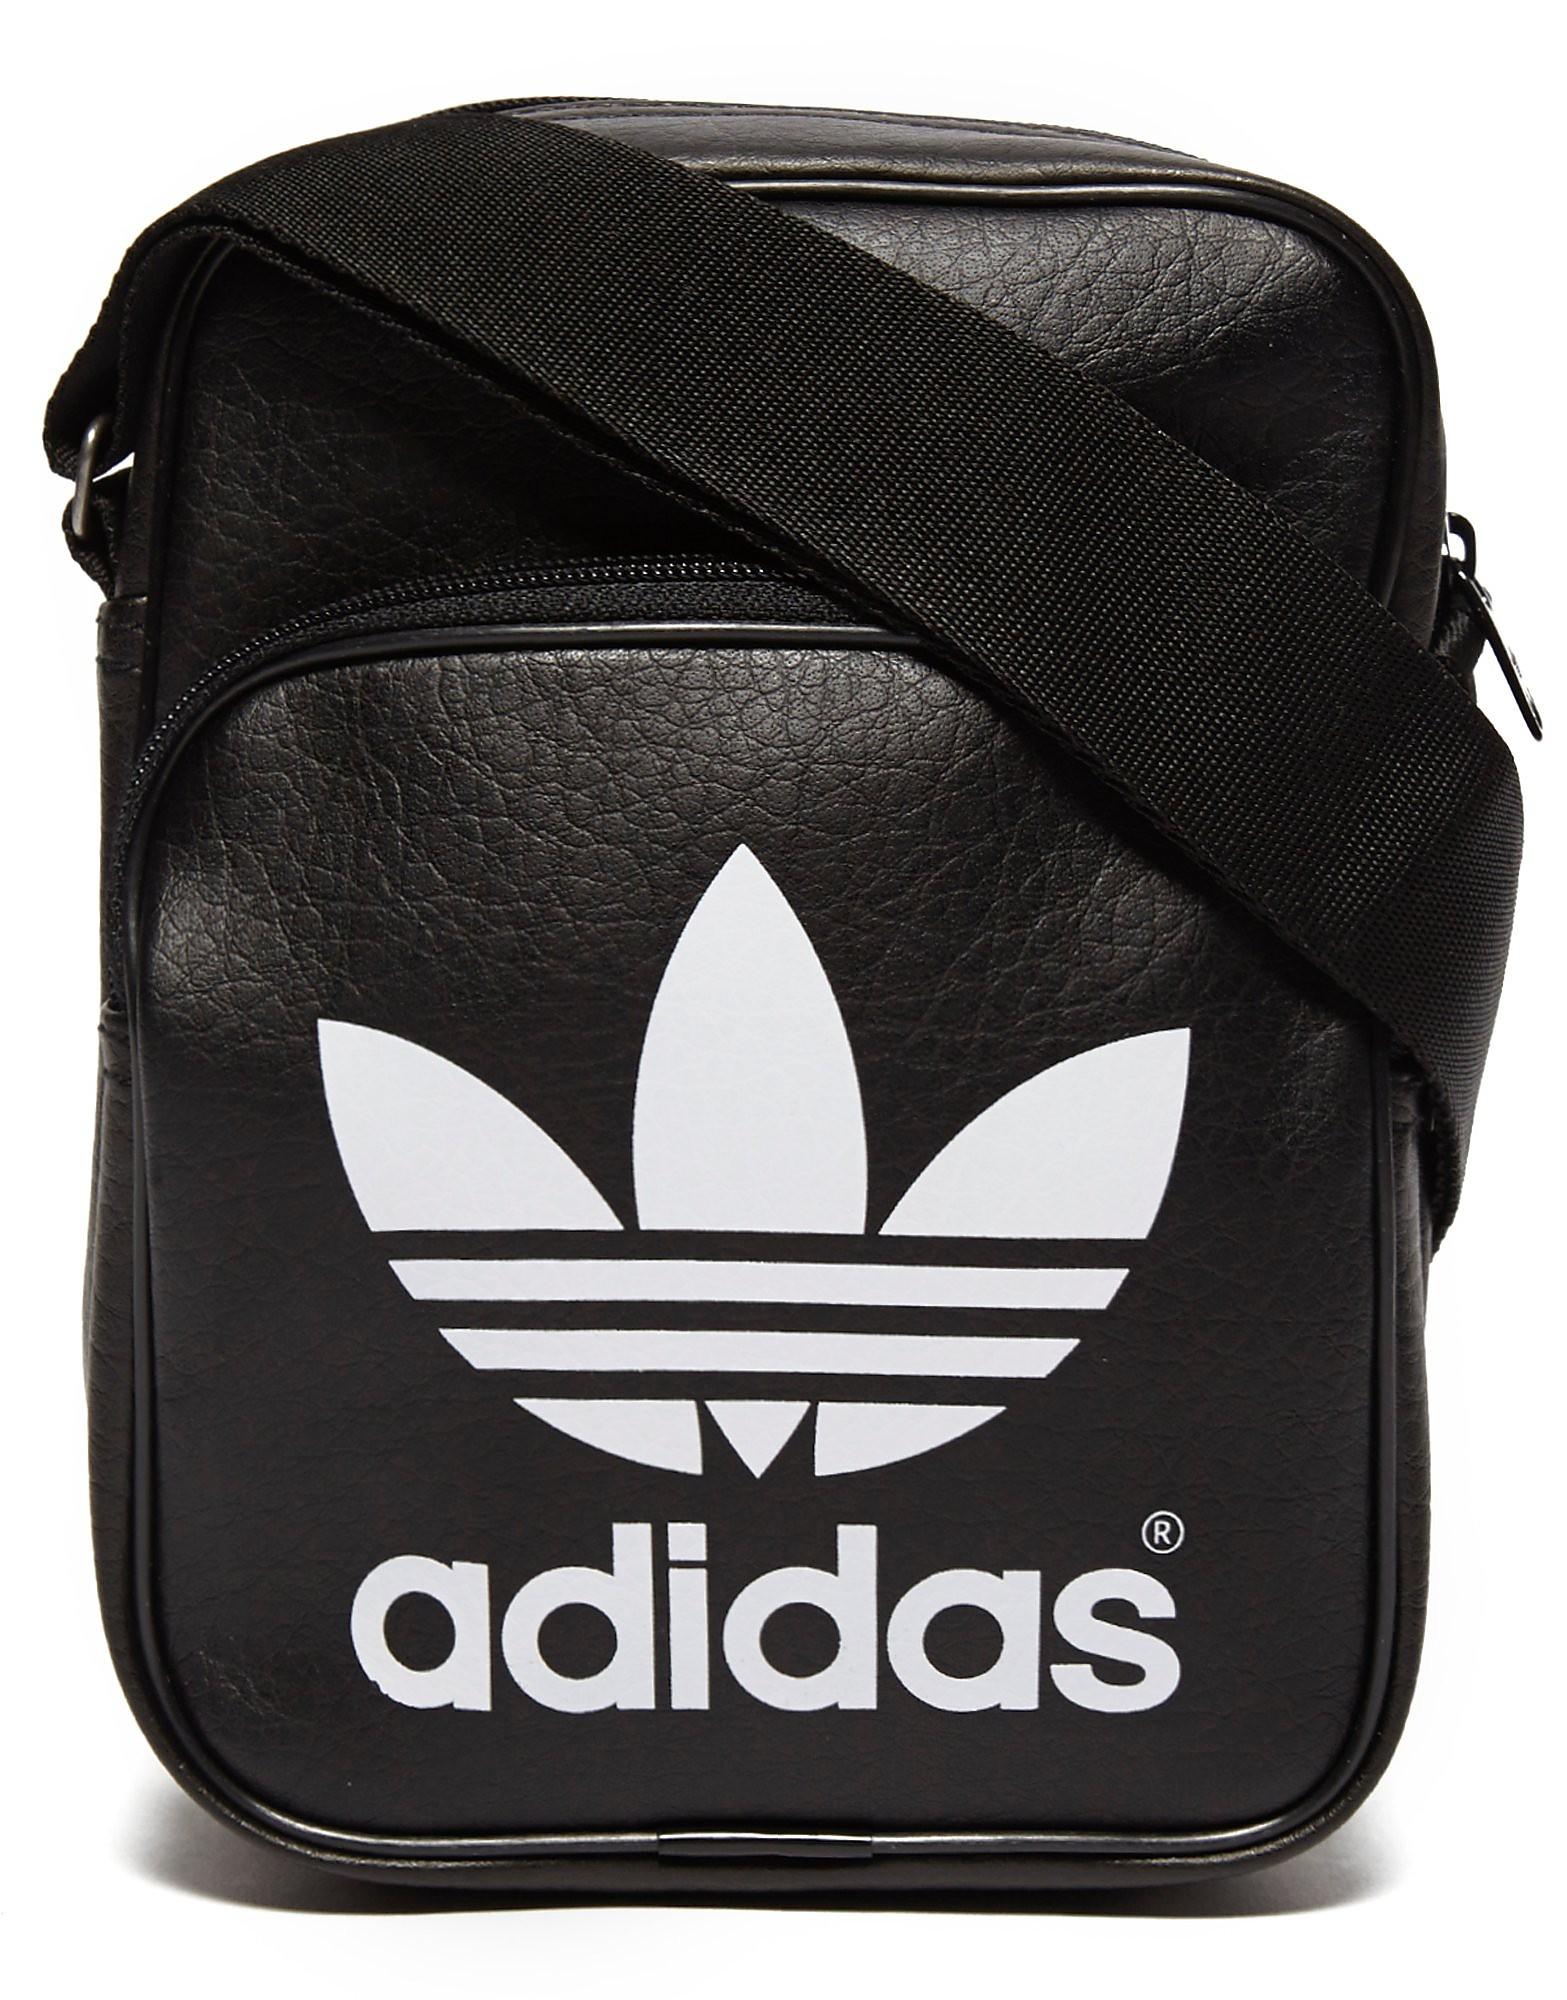 adidas Originals Mini Classic Small Items Bag - Black - Mens, Black